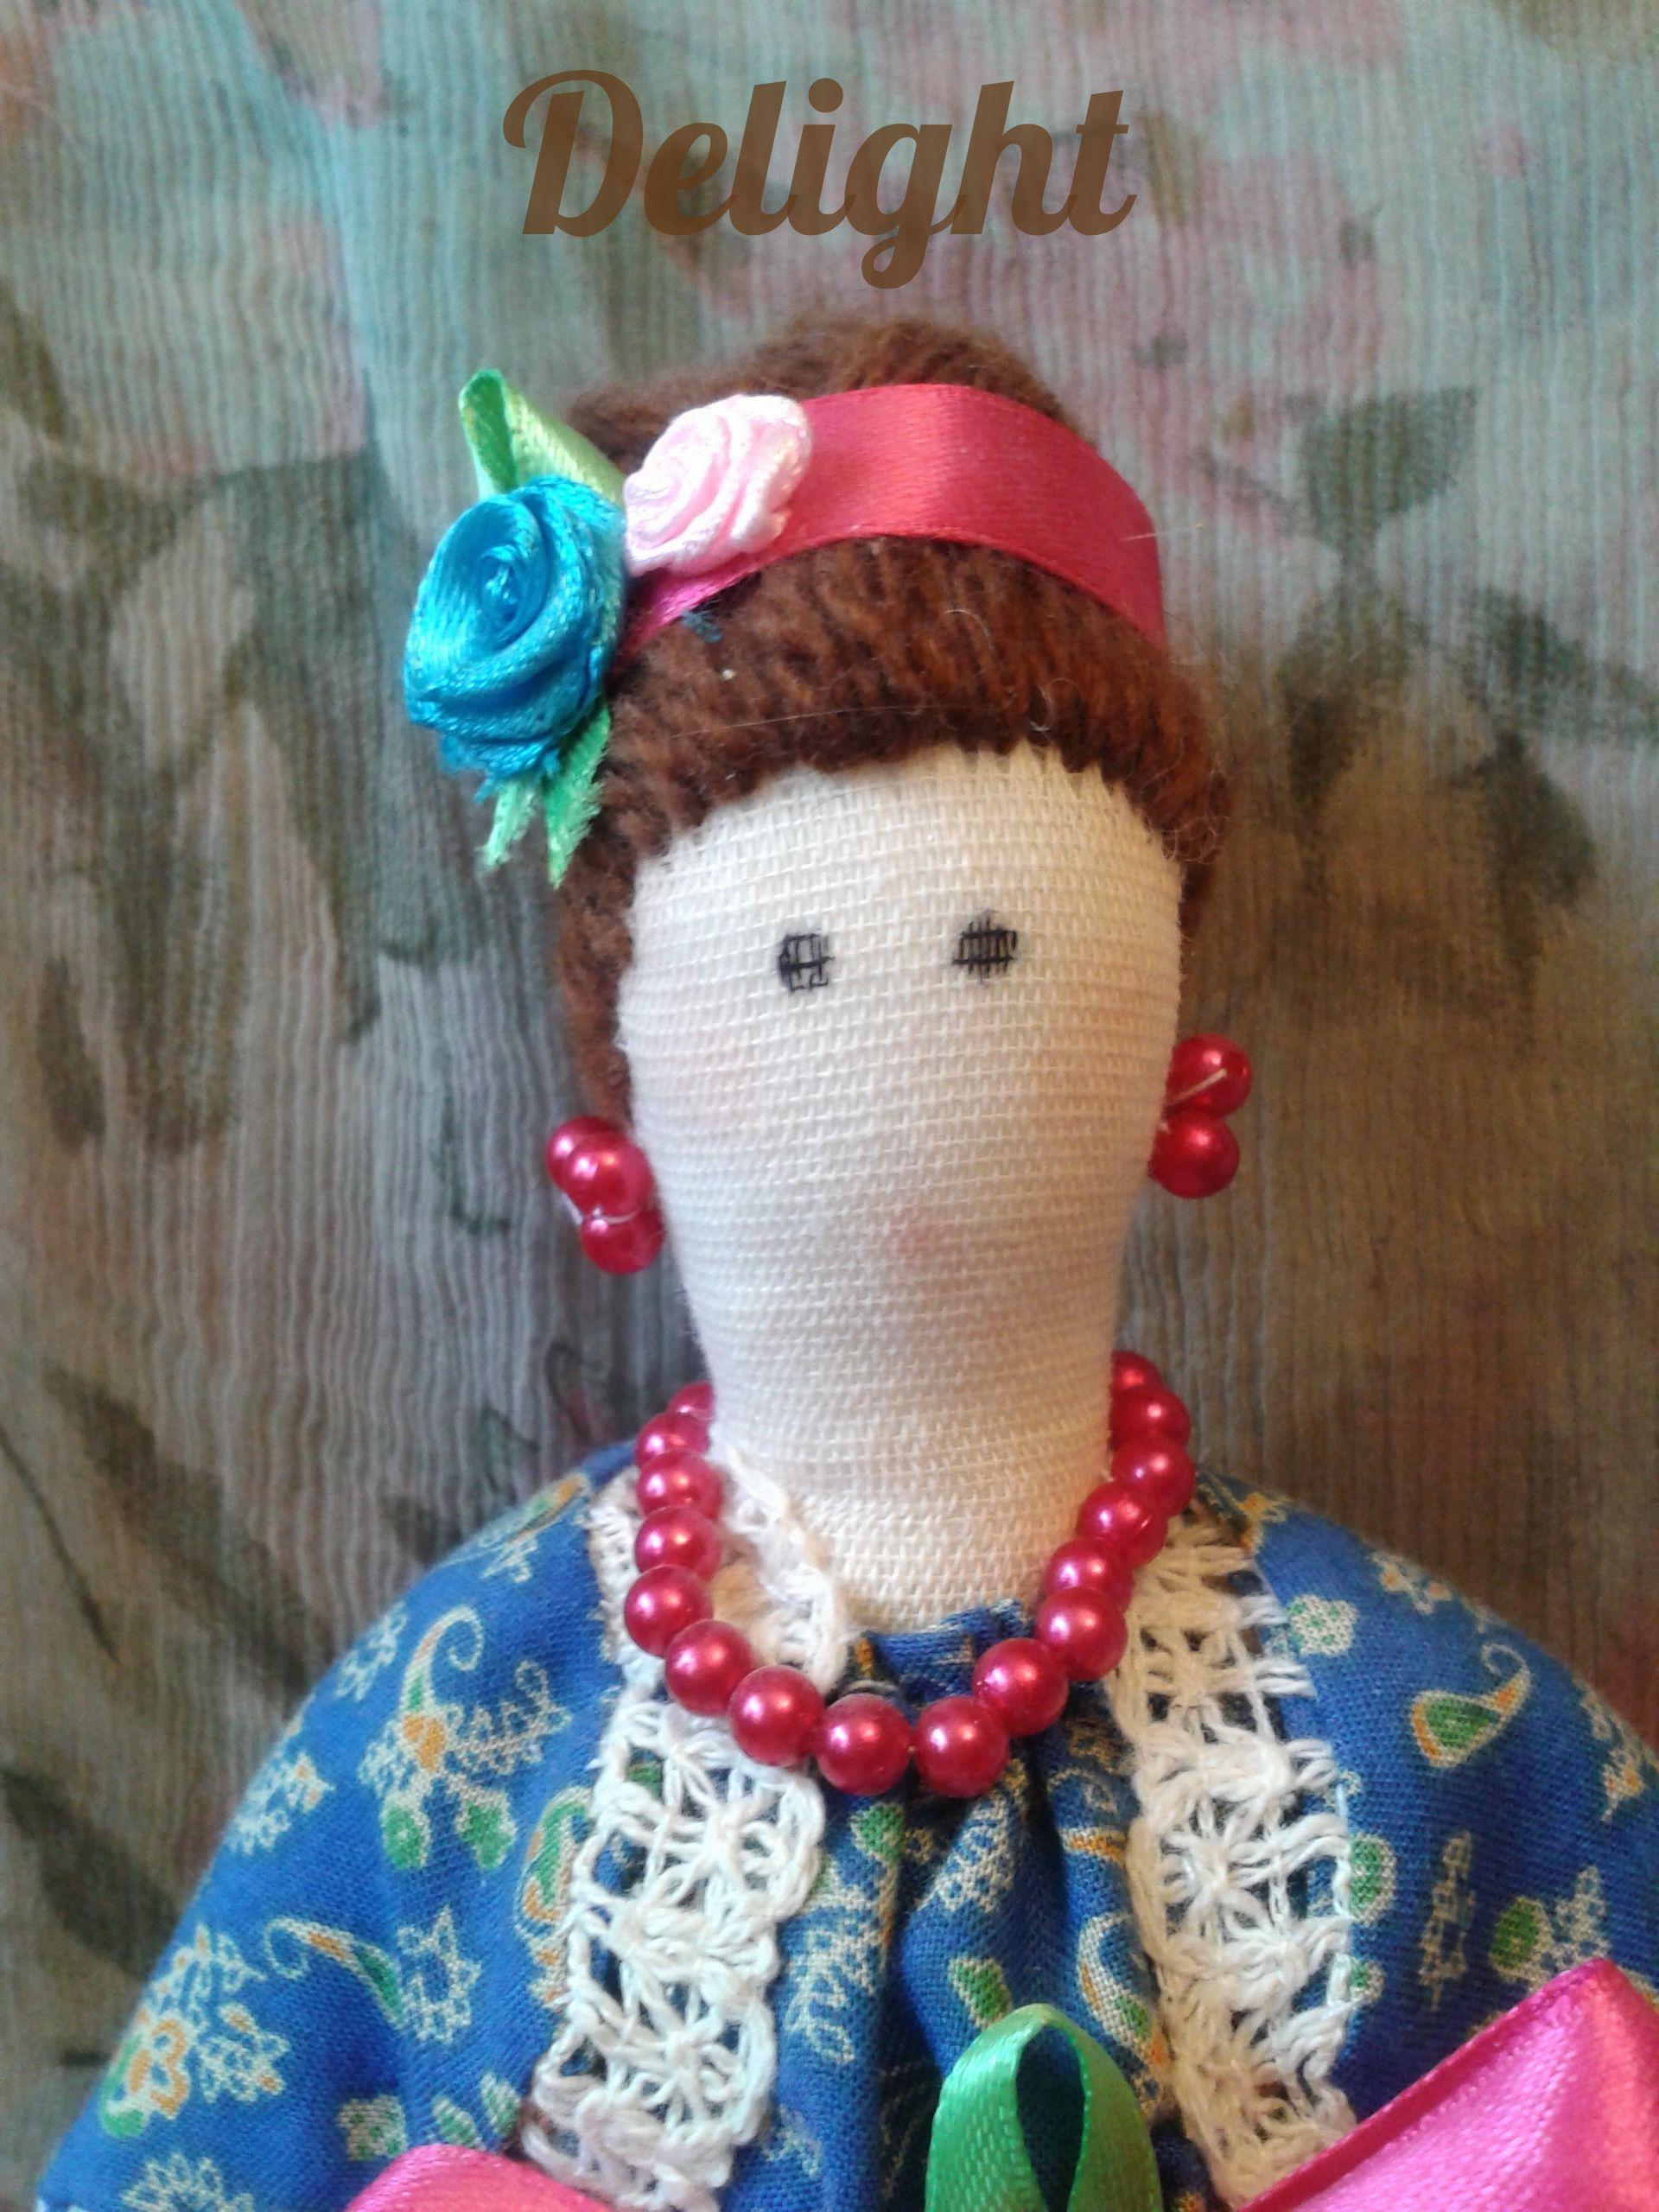 delight куклавстилетильда подарок кукла толстушка интерьер тильда